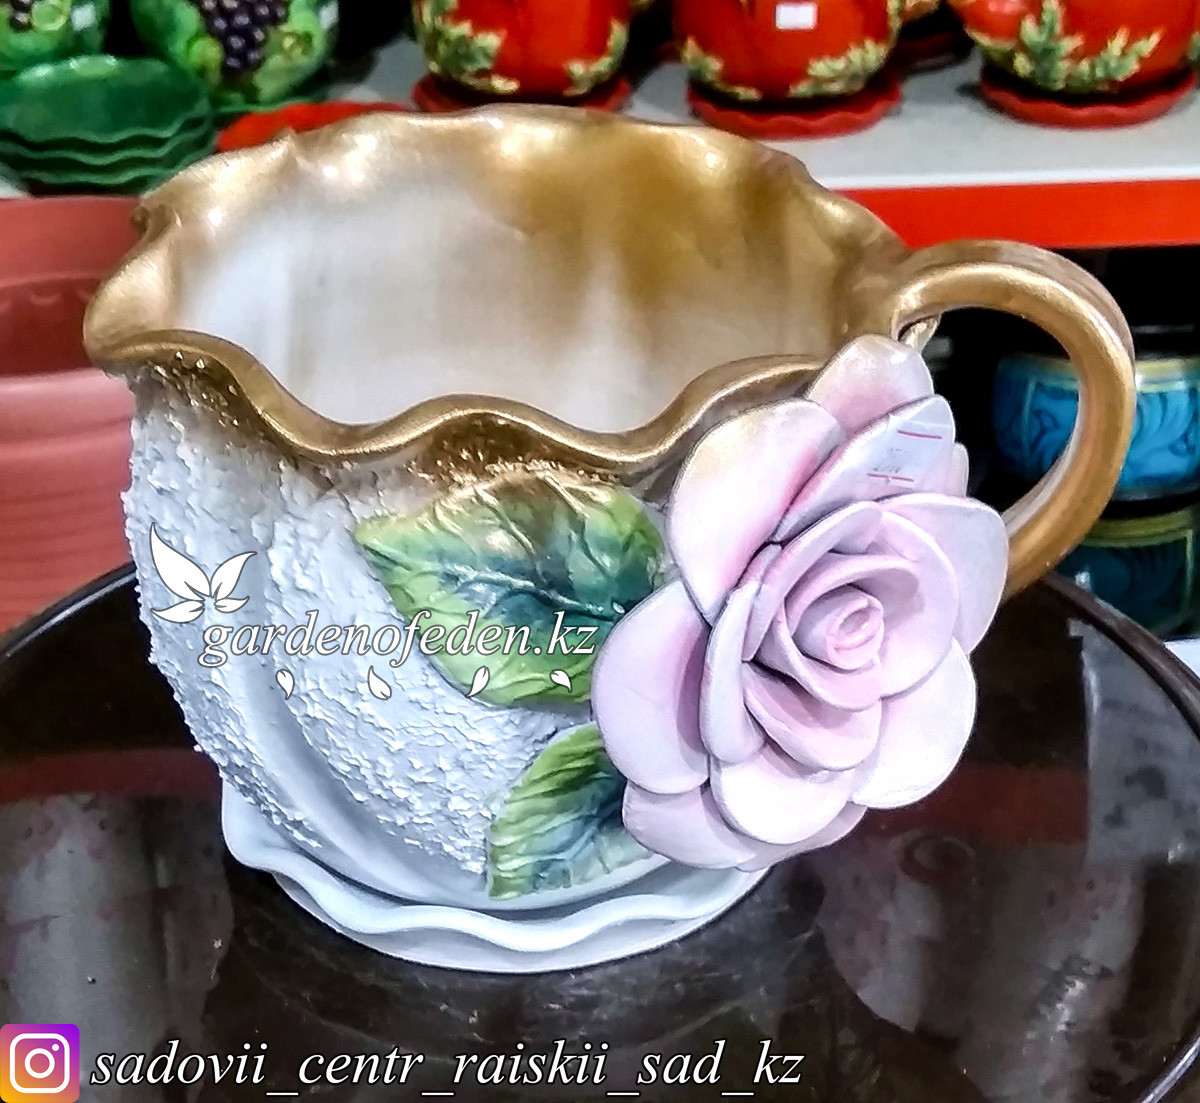 Горшок керамический, декоративный (чашка). Объем: 0.5л. Цвет: Белый с золотом, узор-роза.